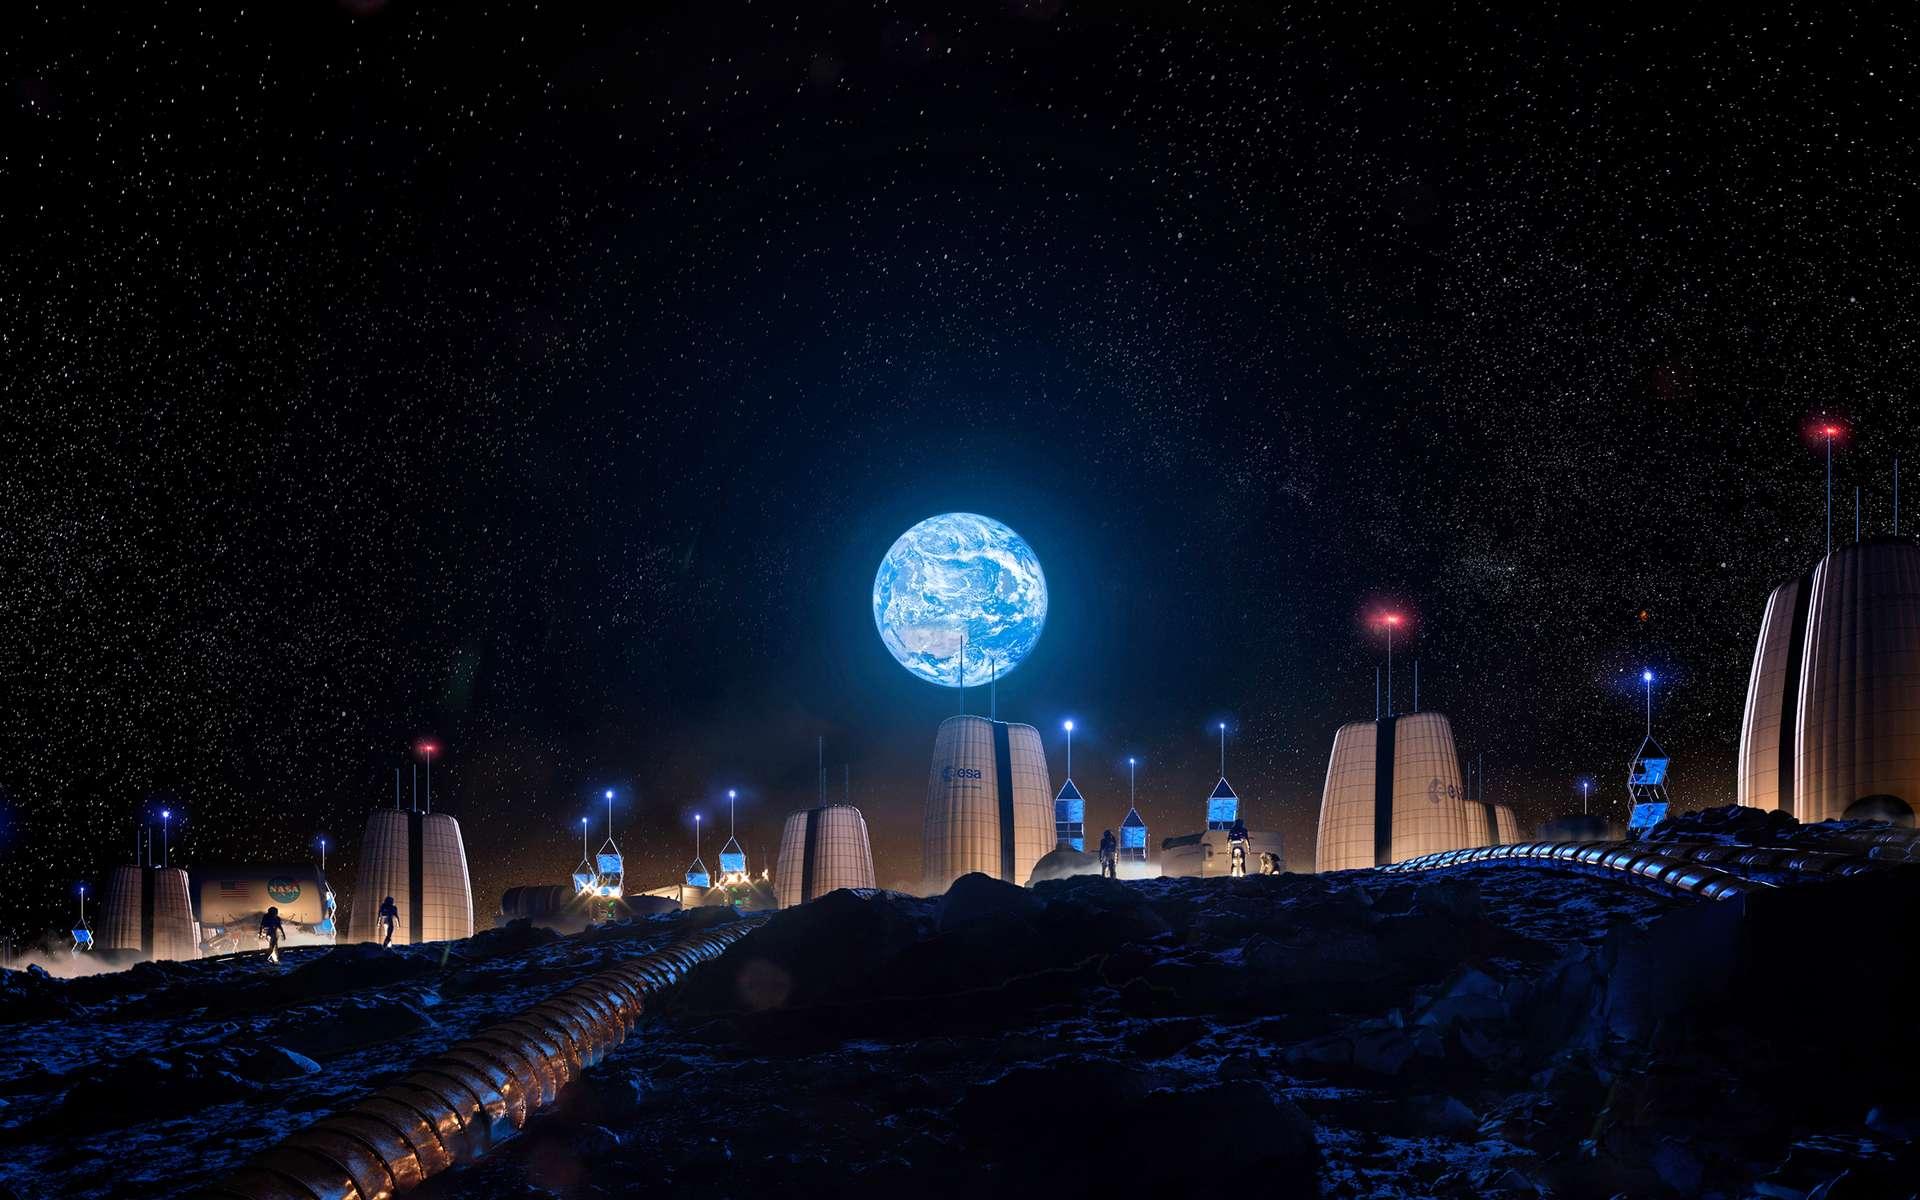 Concept de base lunaire, installée en bordure de cratère, réalisé par le Cabinet d'architectes Skidmore, Owings & Merrill pour le compte de l'ESA. © SOM